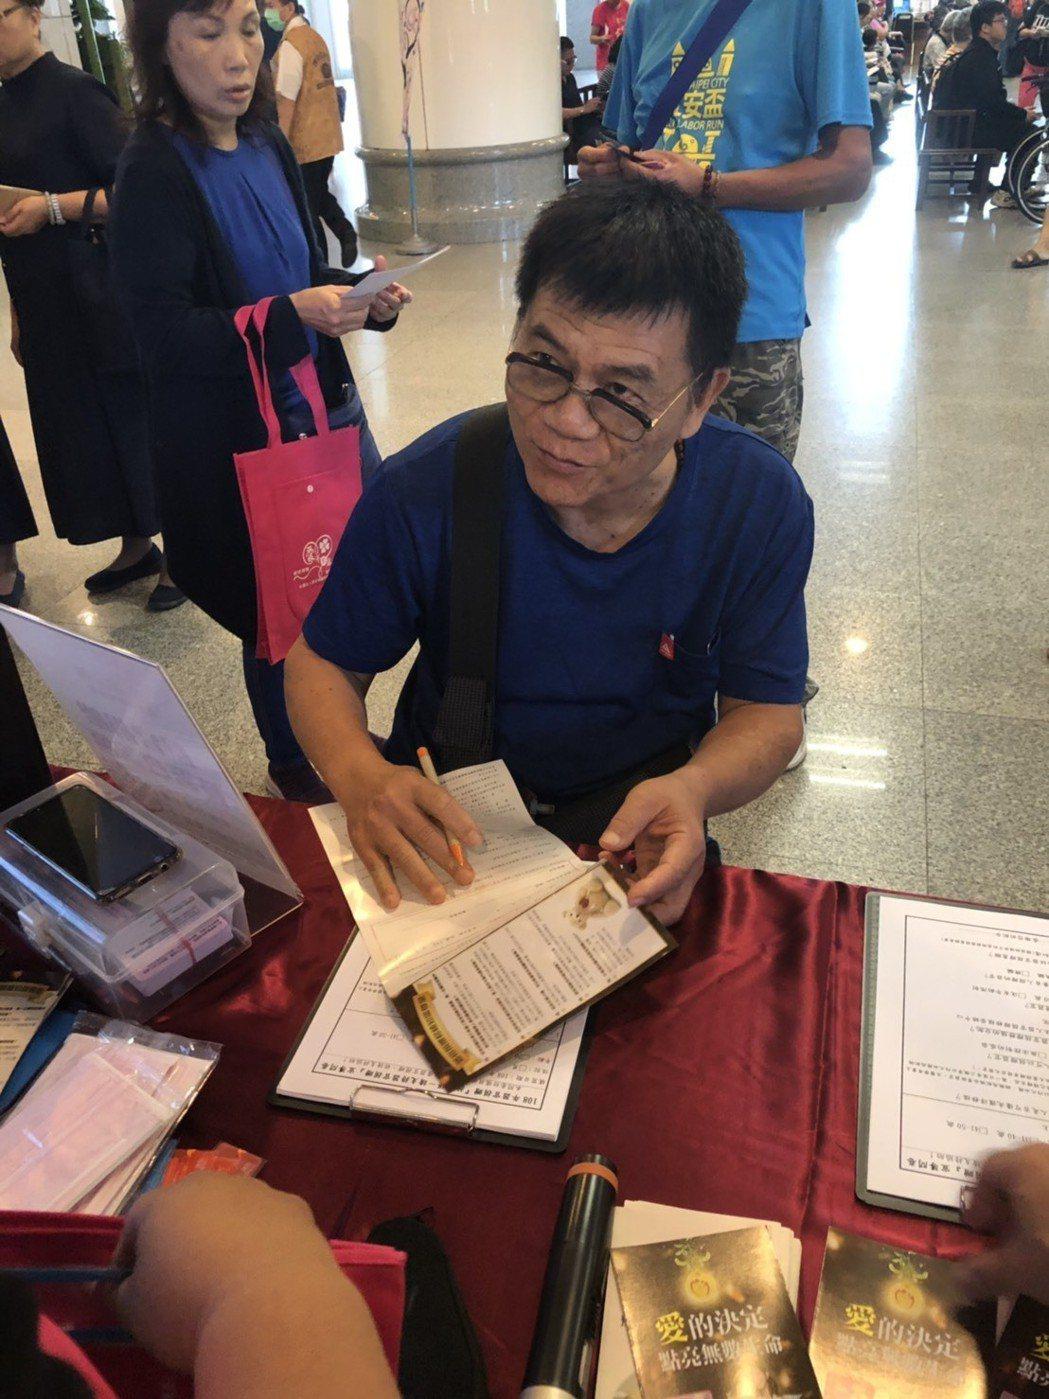 顏先生在65歲生日這天簽下器捐同意書,他說想留下器官幫助需要的人,這是給自己最棒...